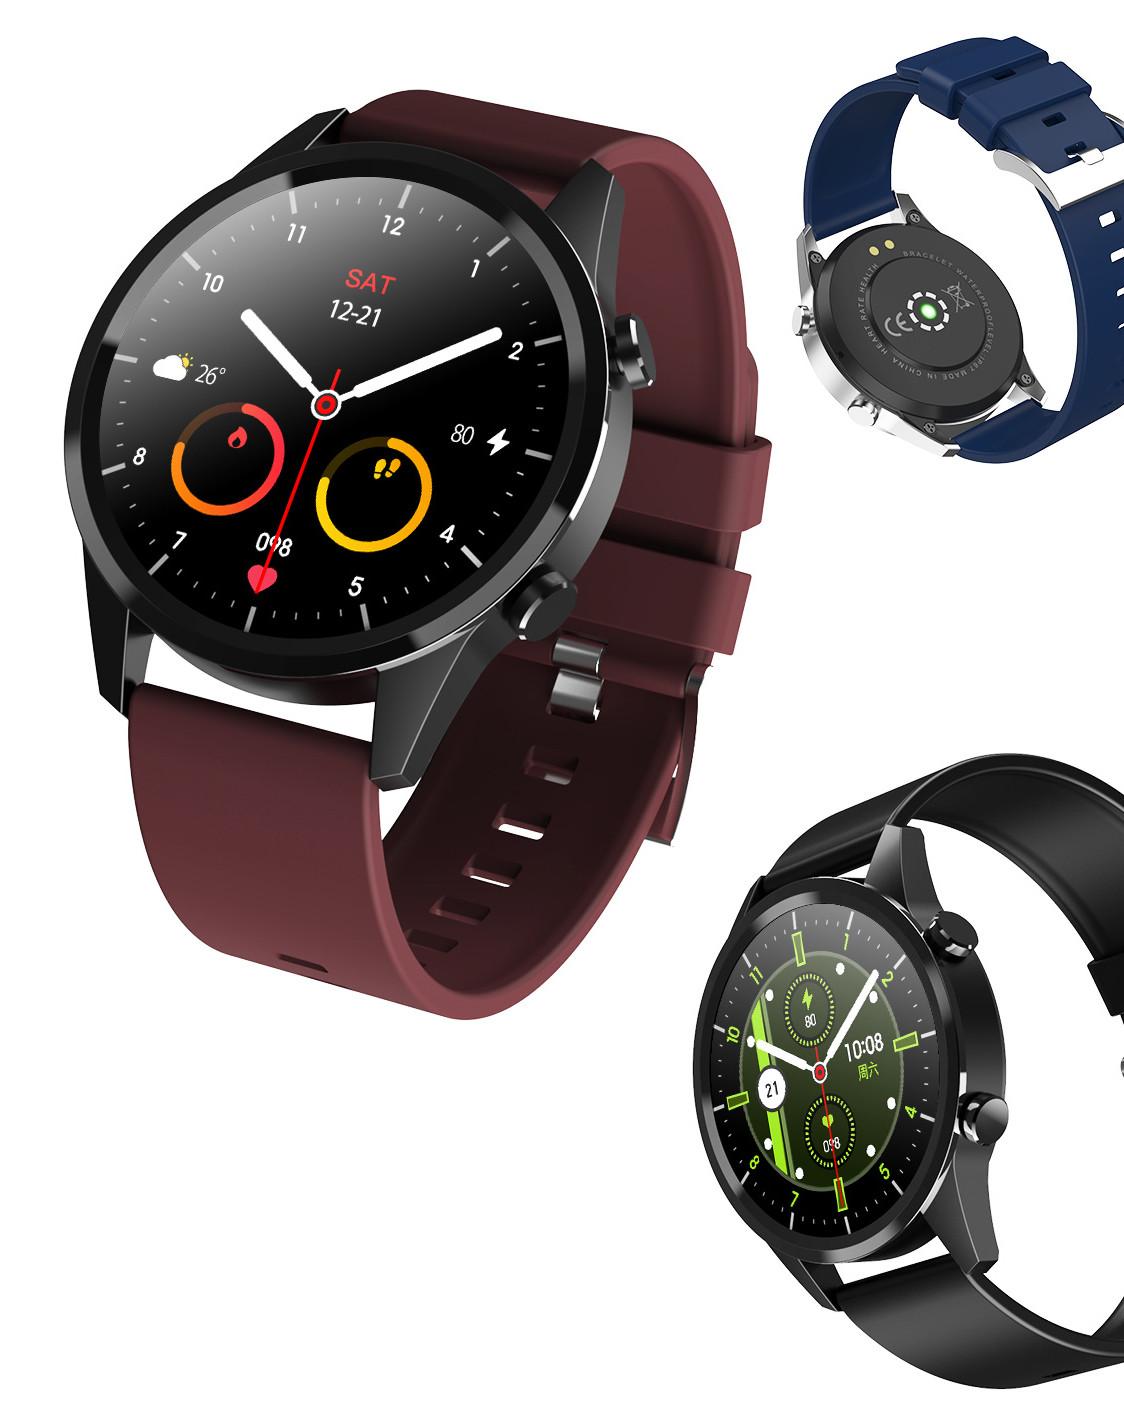 Smartwatch z czarną, bordową i niebieską opaską